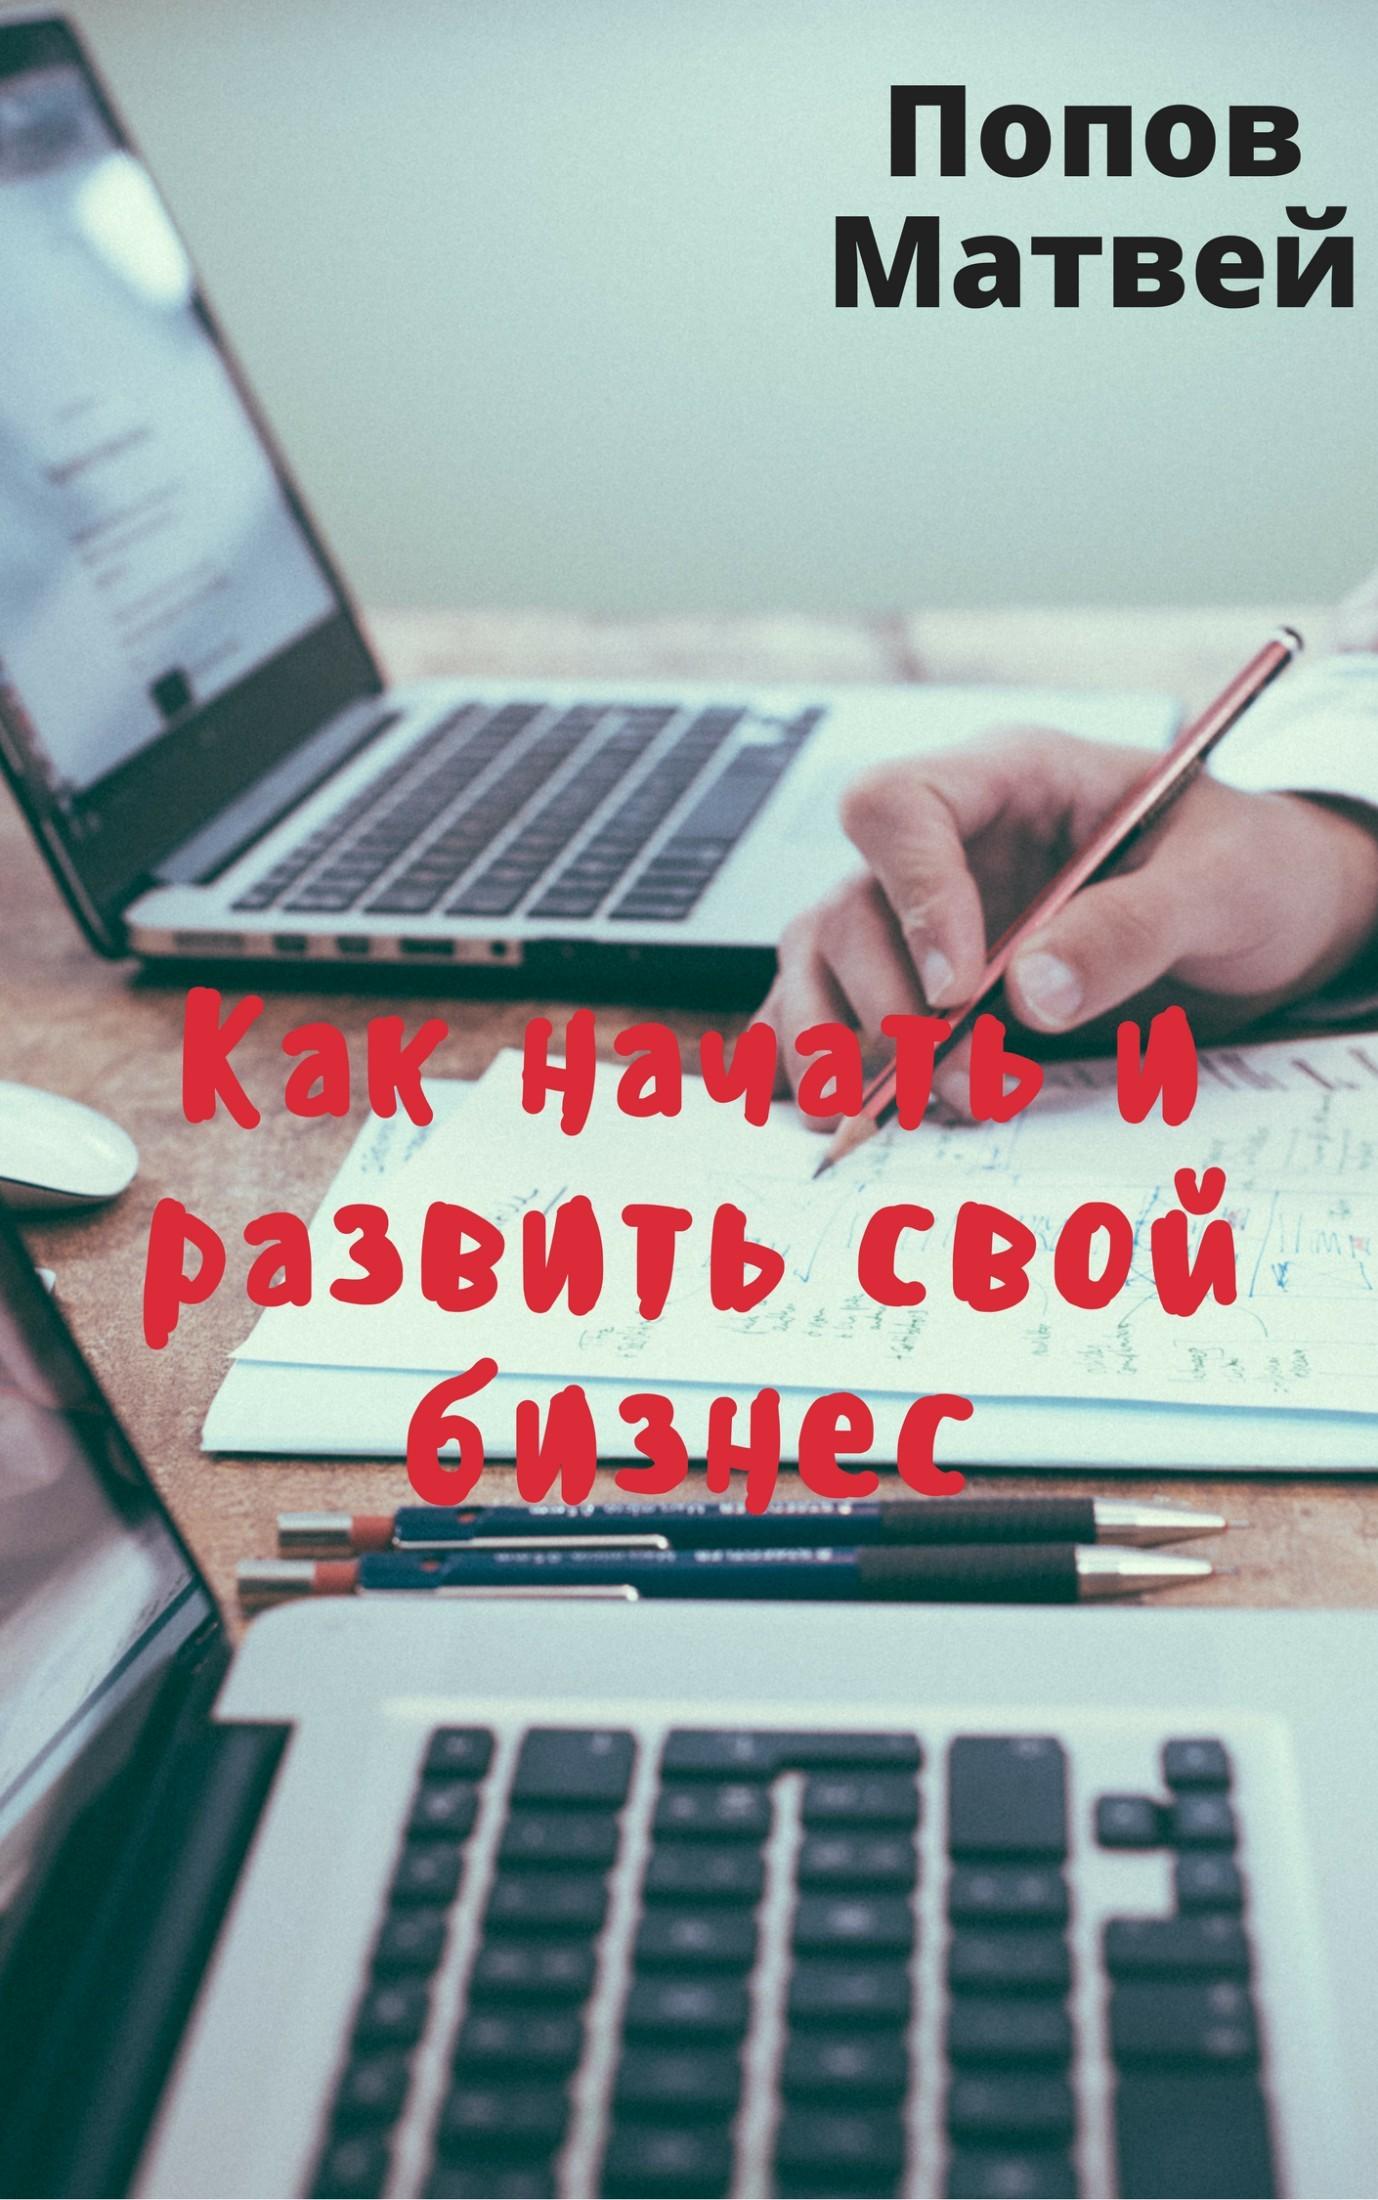 Матвей Алексеевич Попов Как начать и развить свой бизнес как спасти свой бизнес руководство к действию для мелких и средних предпринимателей